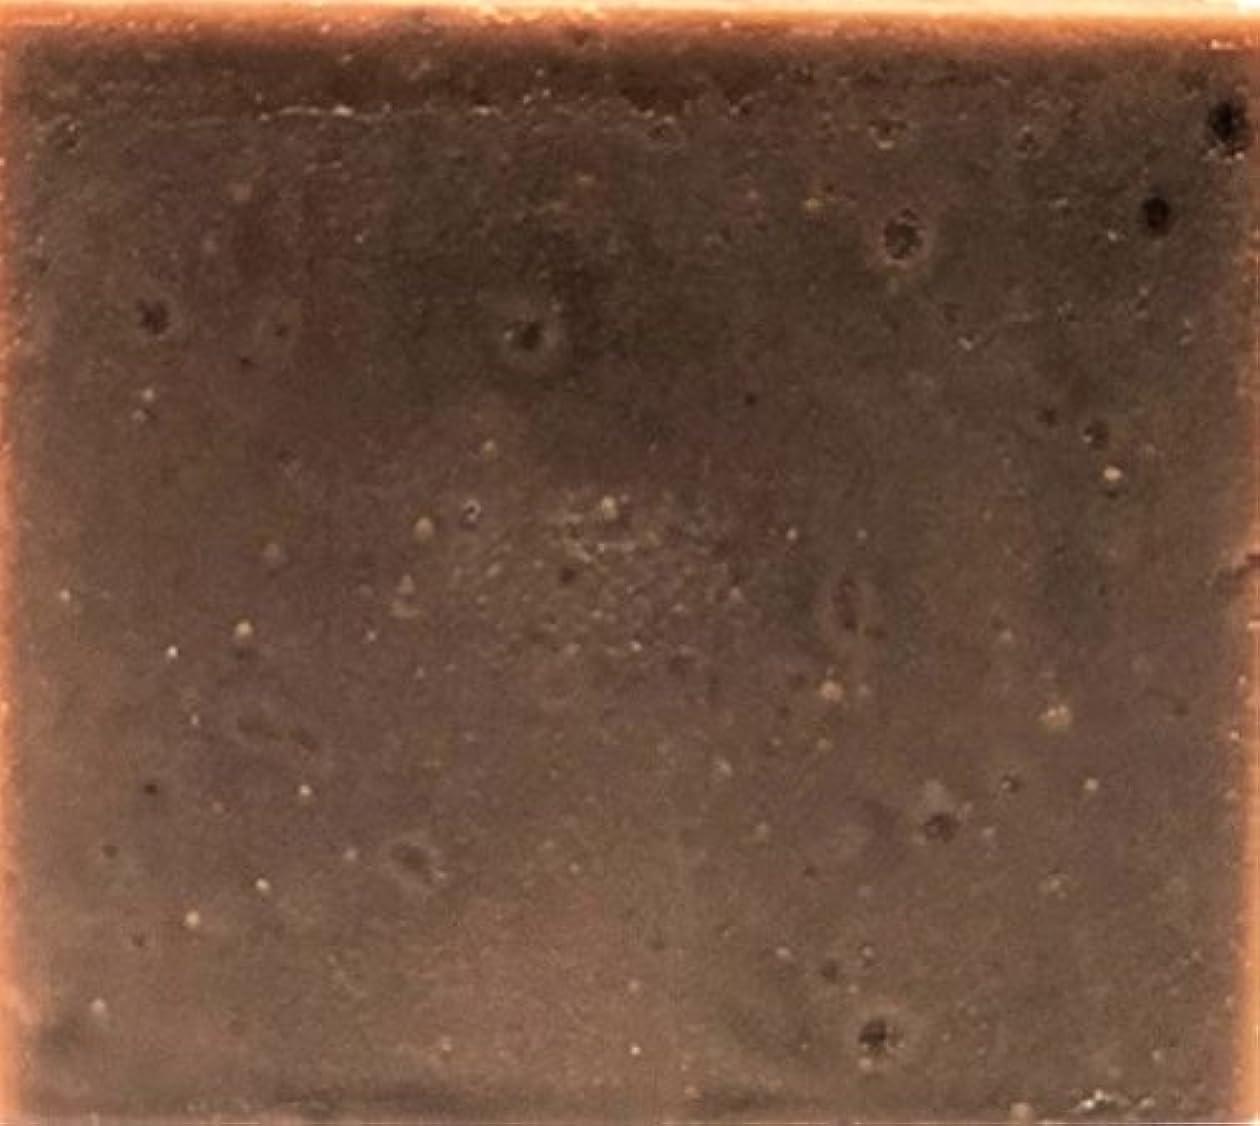 レクリエーション光の二十篠山石鹸 ラベンダー 90g 自家製ハーブを使い、コールドプロセス製法で作った手作り石けん